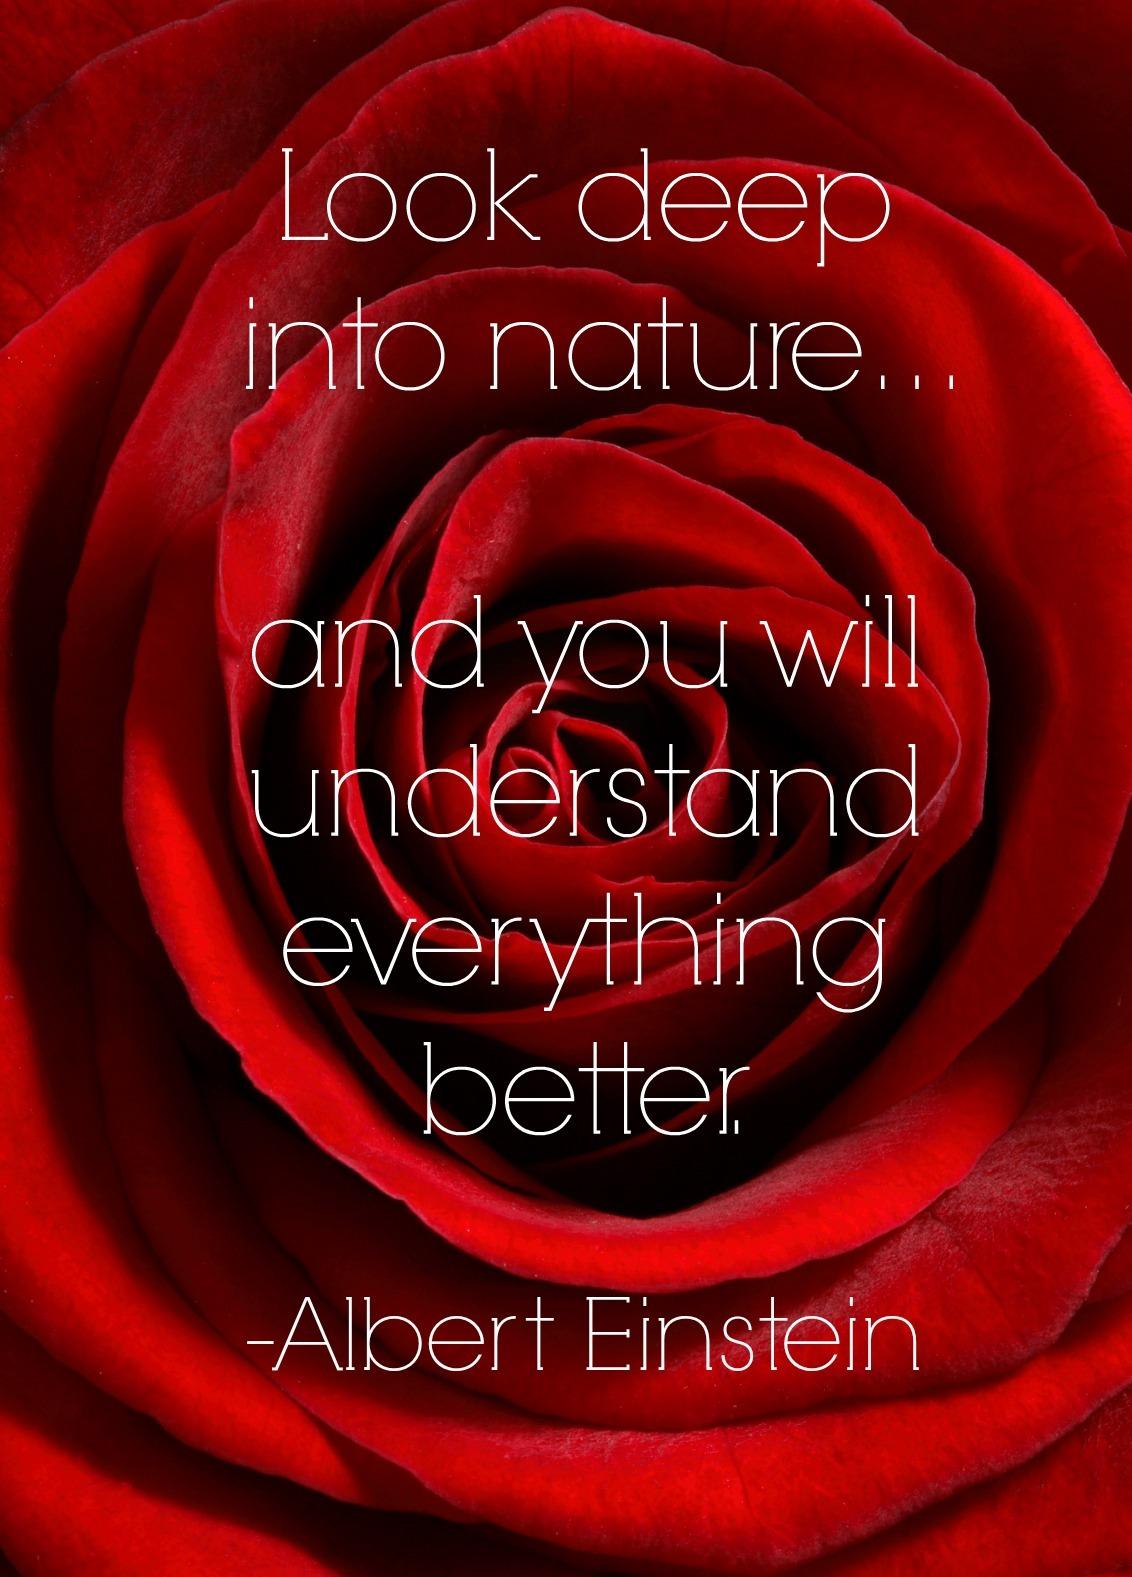 best gardening quotes Albert Einstein